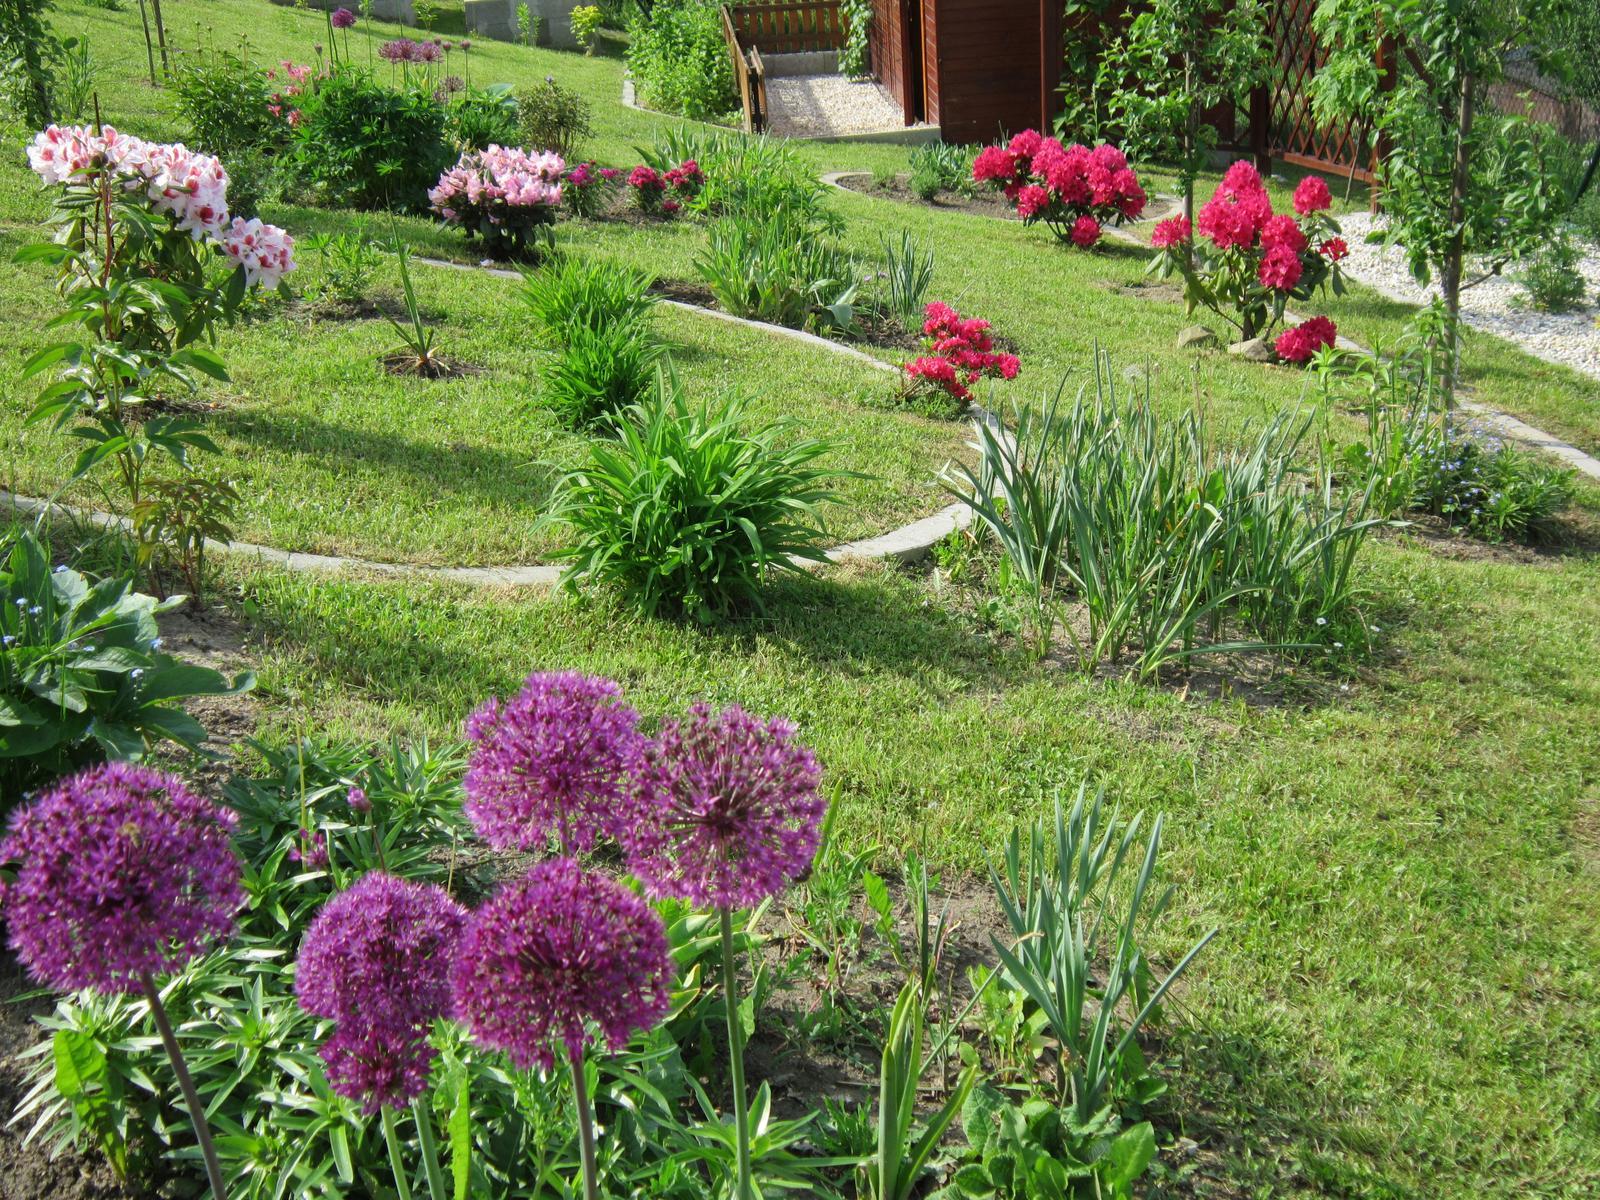 Moja záhrada...ako šiel čas - Rododendrony rozkvitli do krásy